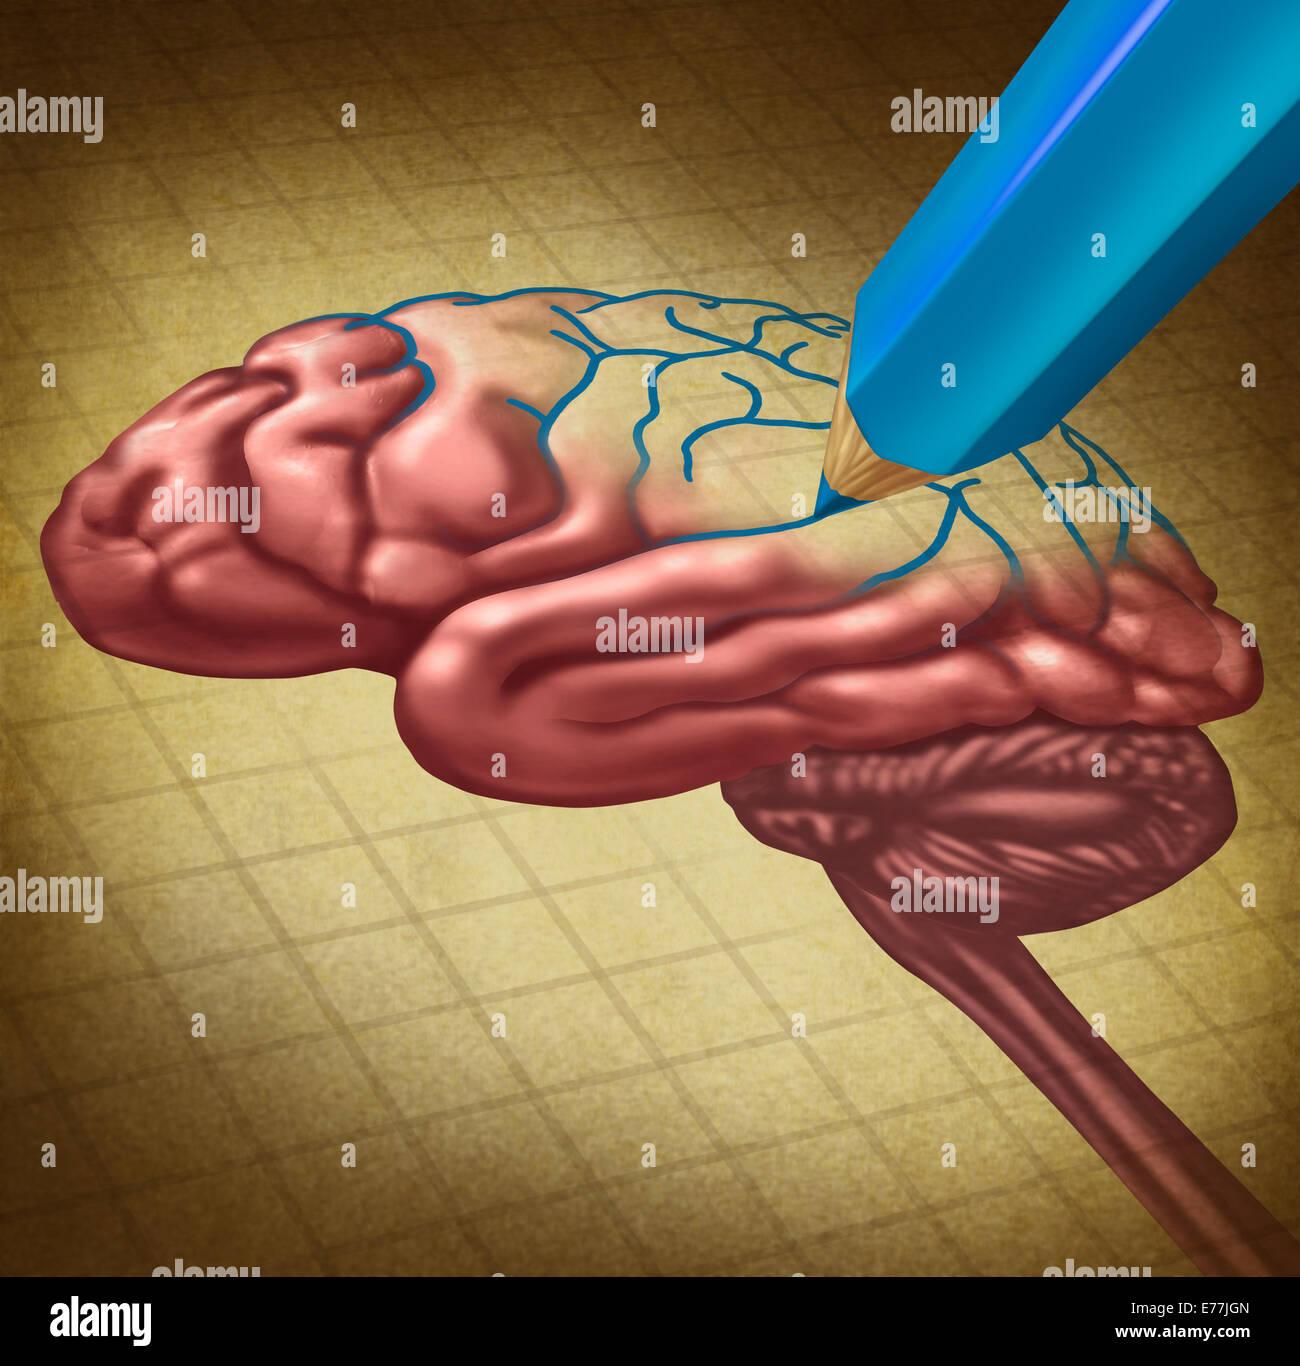 La riparazione del cervello e ripristino perso memoria concetto medico come un pensiero umano organo con una parte Immagini Stock